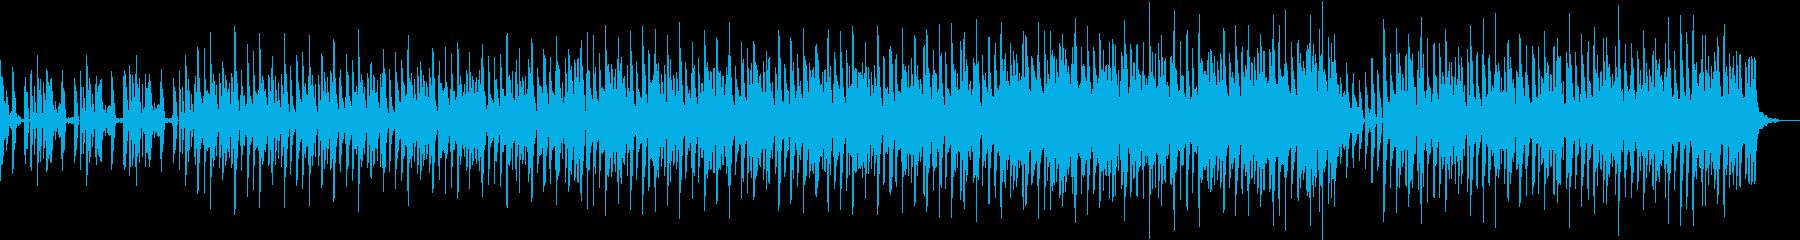 ラテン風味・テクノの再生済みの波形